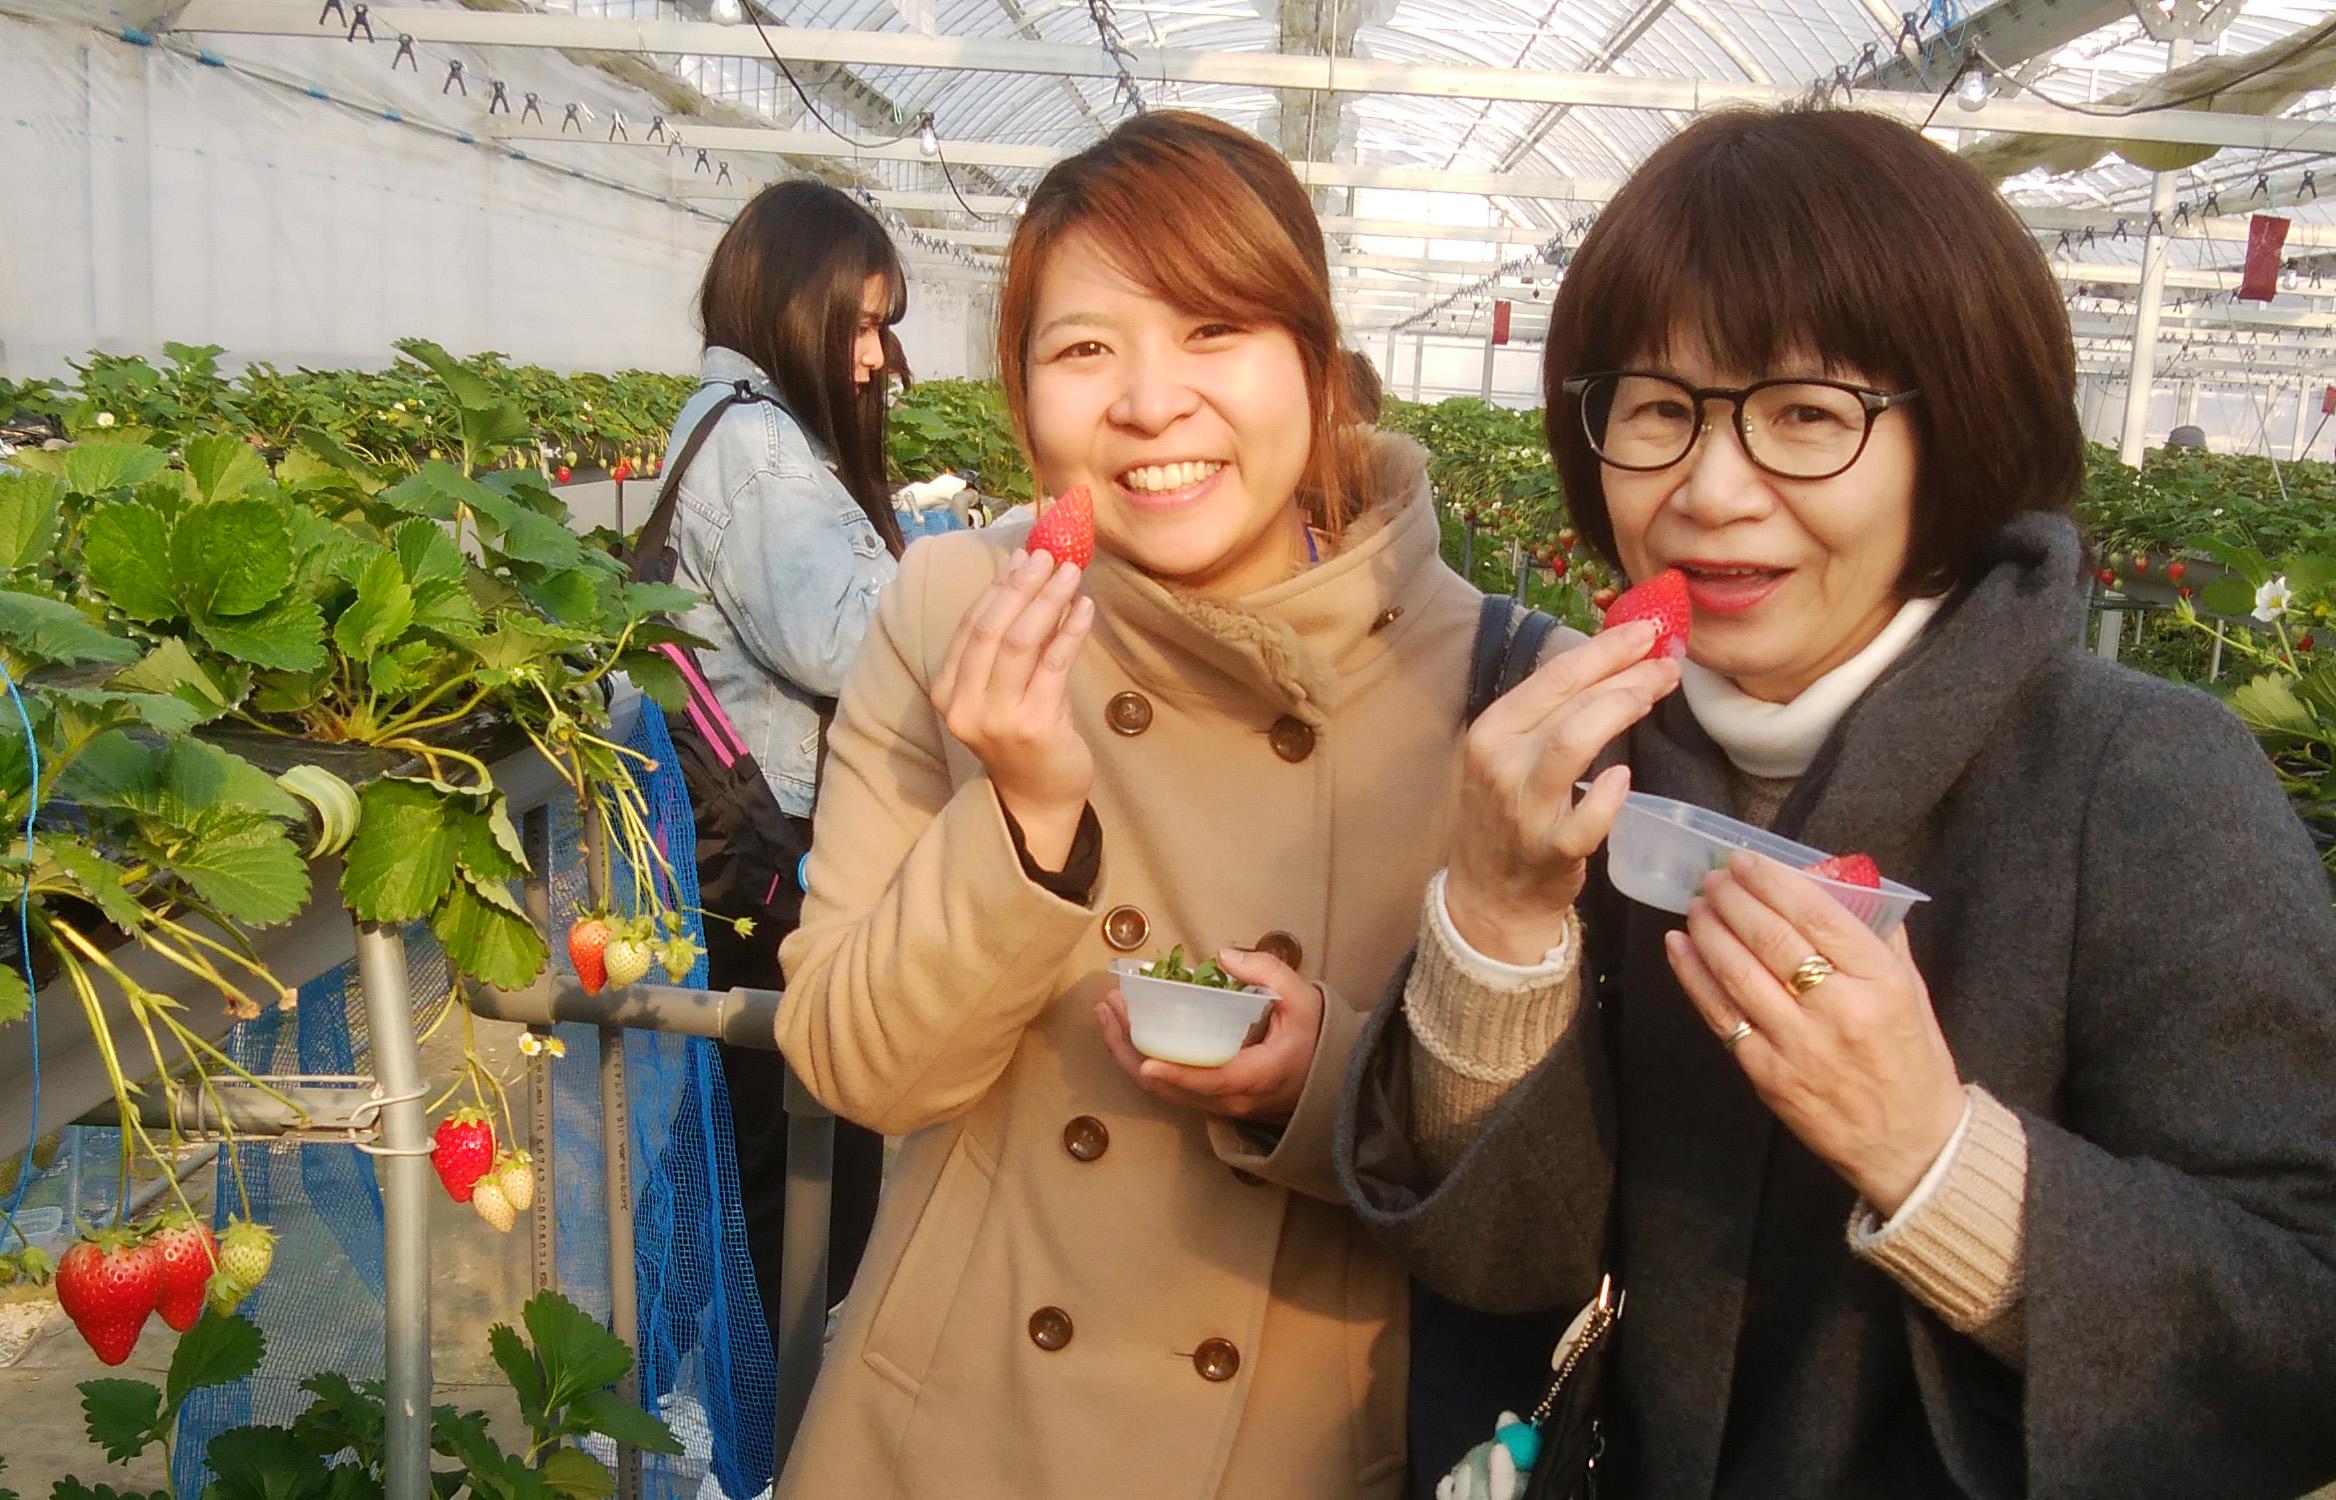 静岡 春の伊豆を満喫ツアー催行!